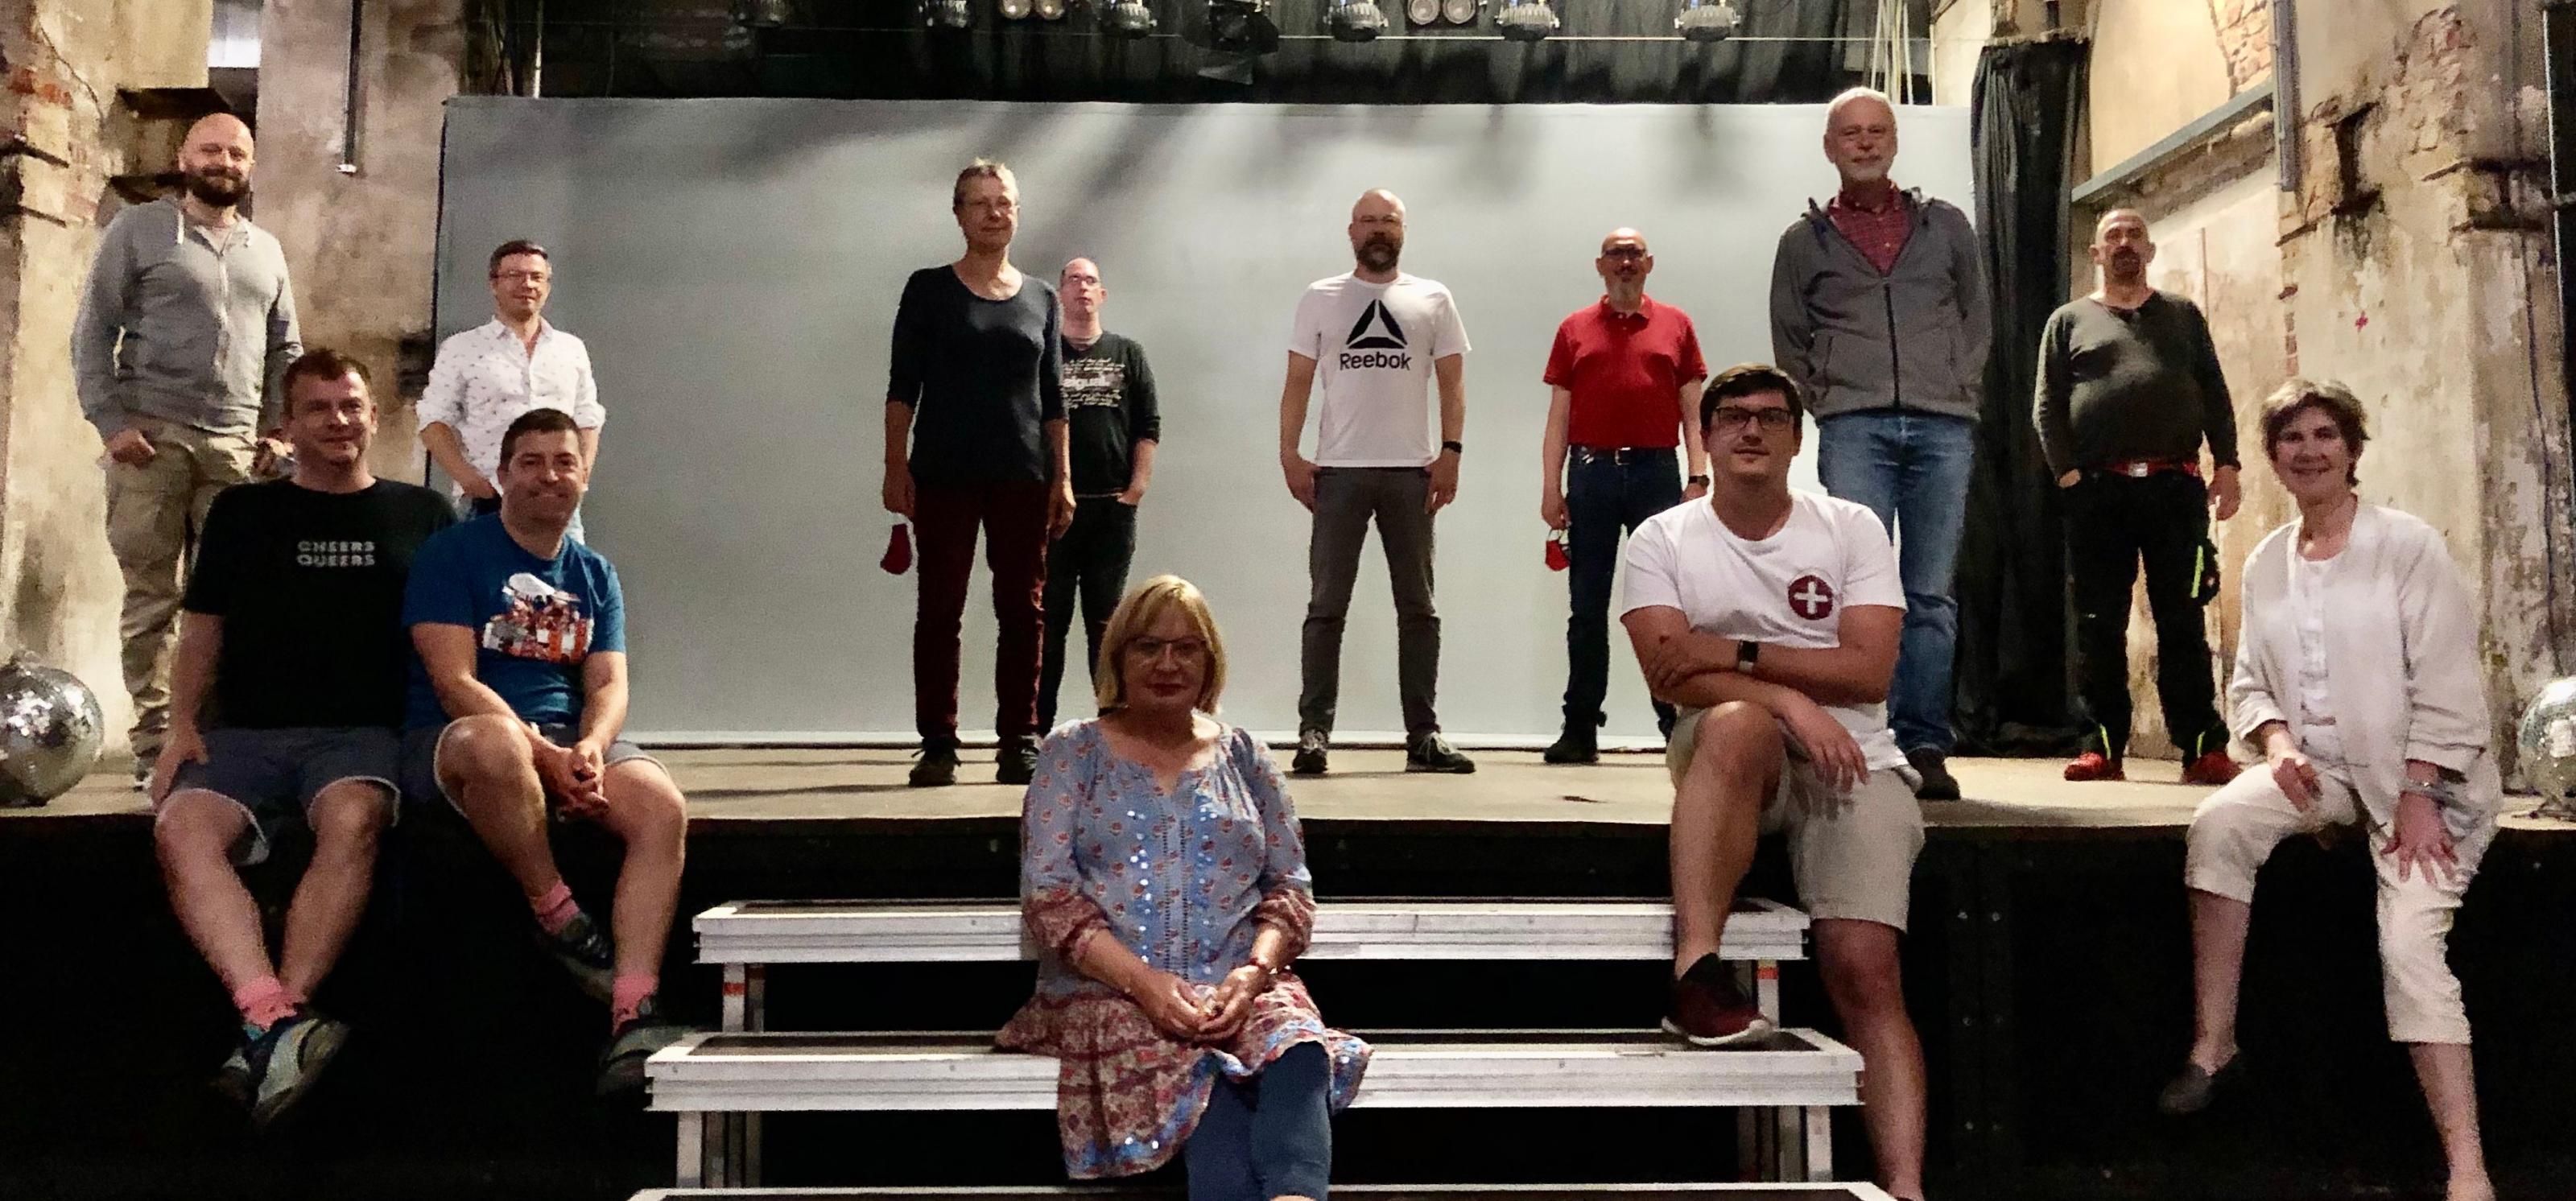 Menschen stehen auf einer Bühne